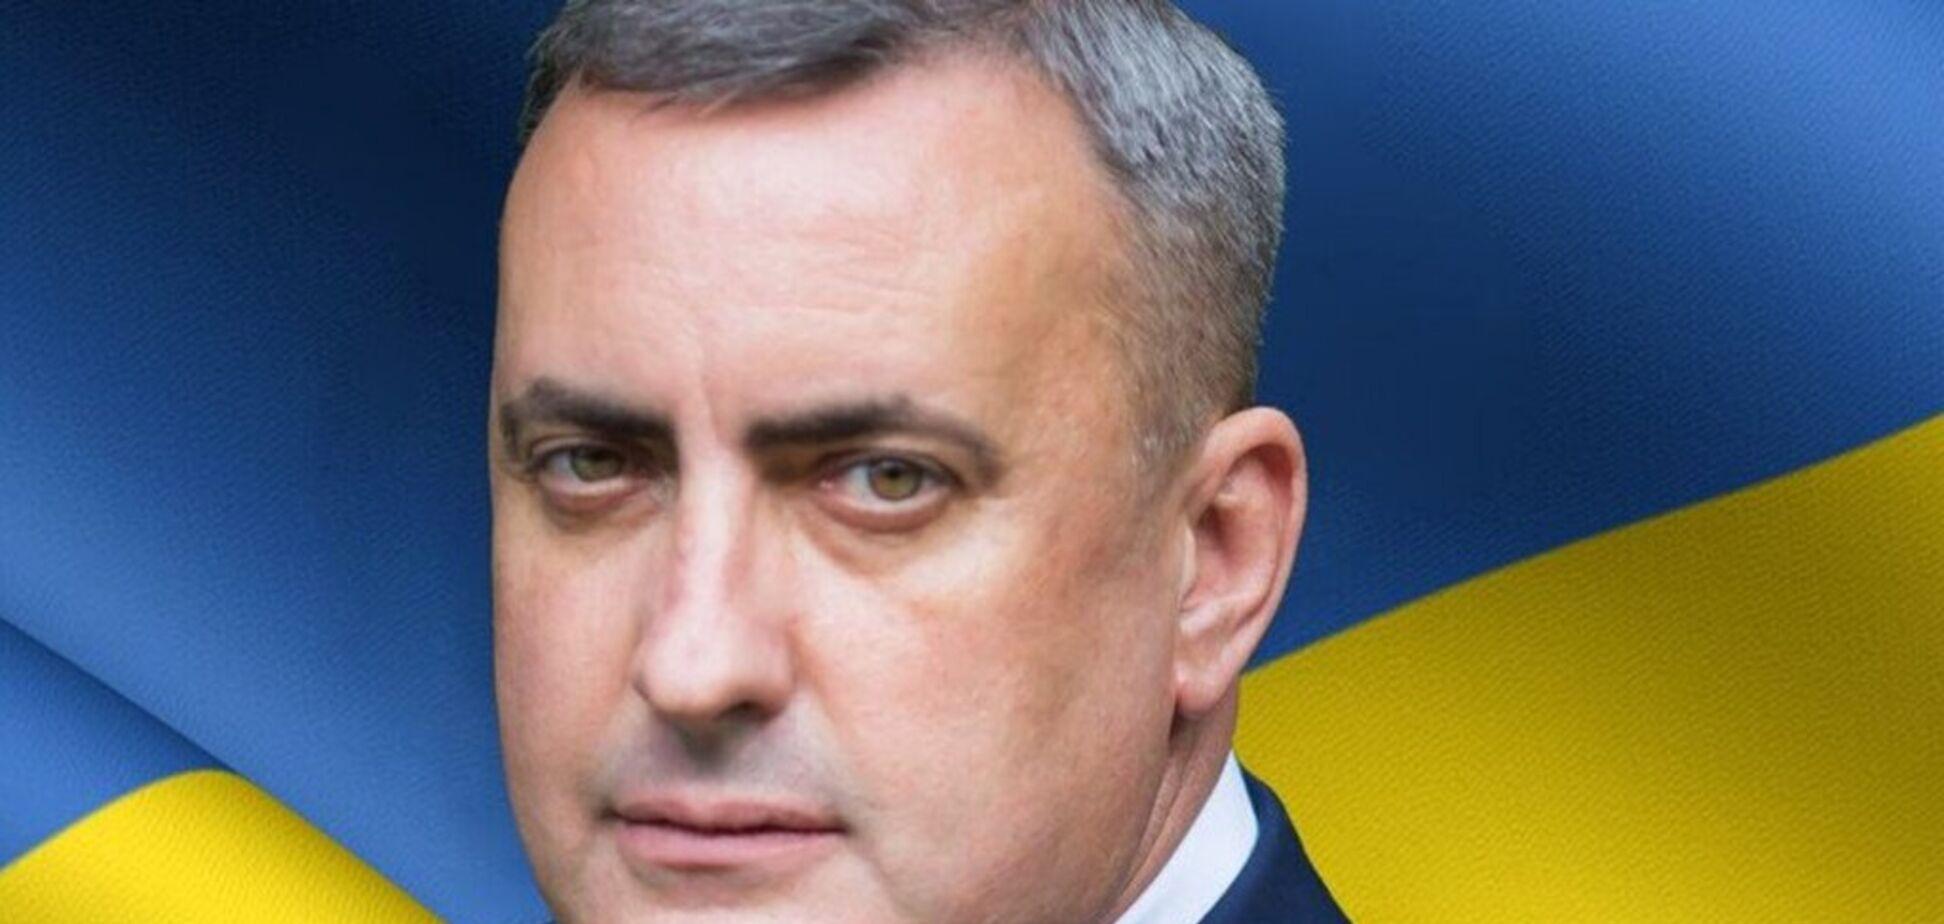 Пожар в колледже Одессы: суд не смог избрать меру пресечения экс-руководителю спасателей области